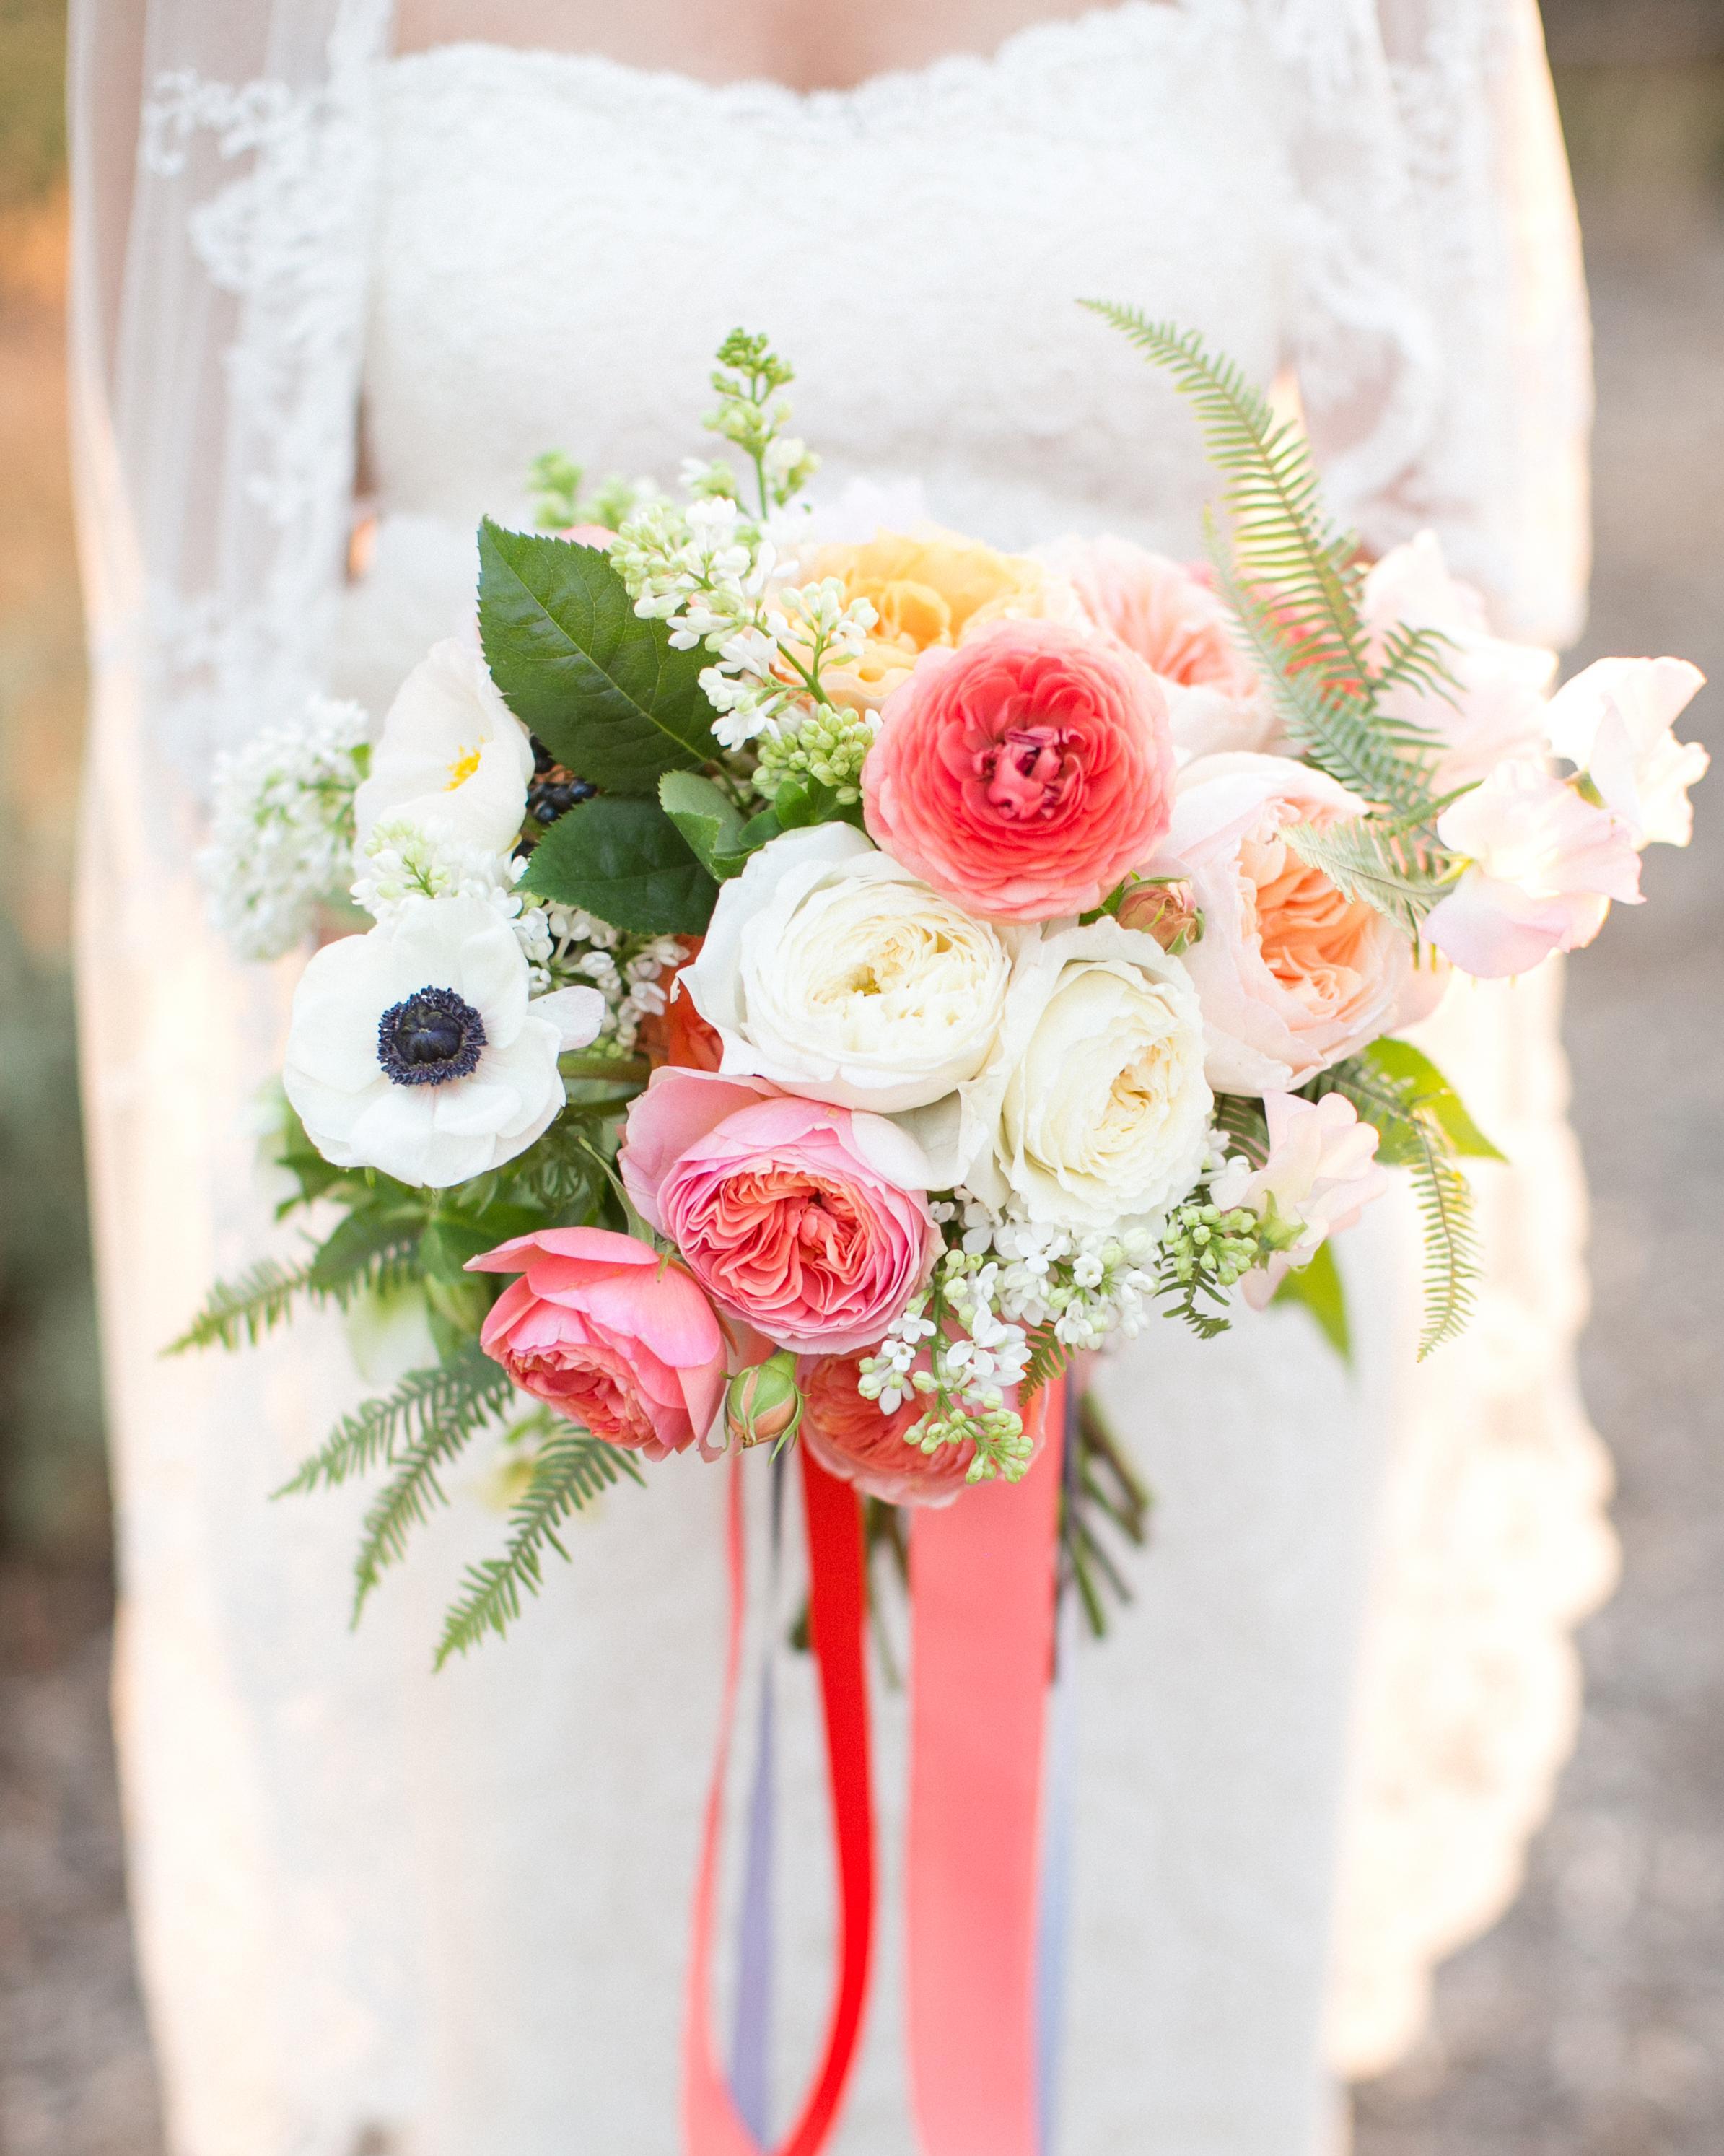 jess-clint-wedding-bouquet-507-s111420-0814.jpg